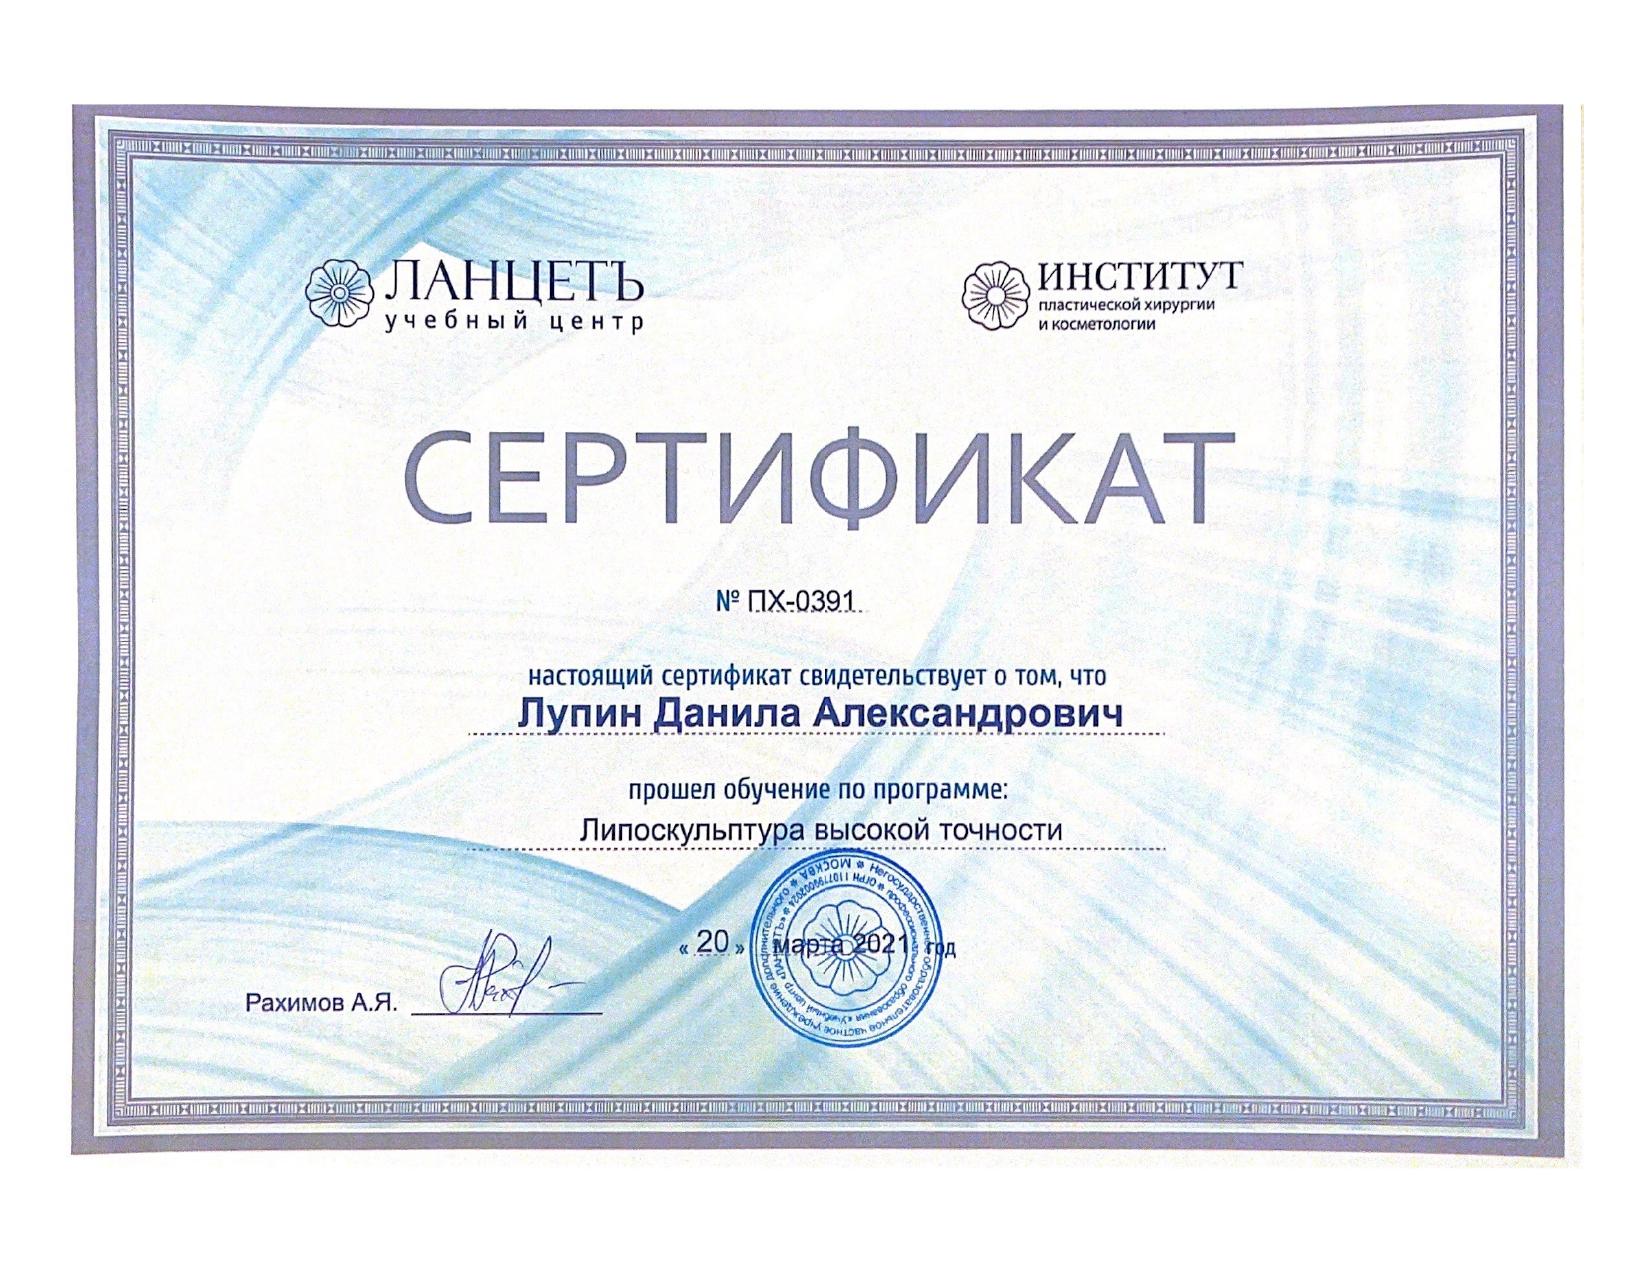 Сертификат липоскульптура высокой точности